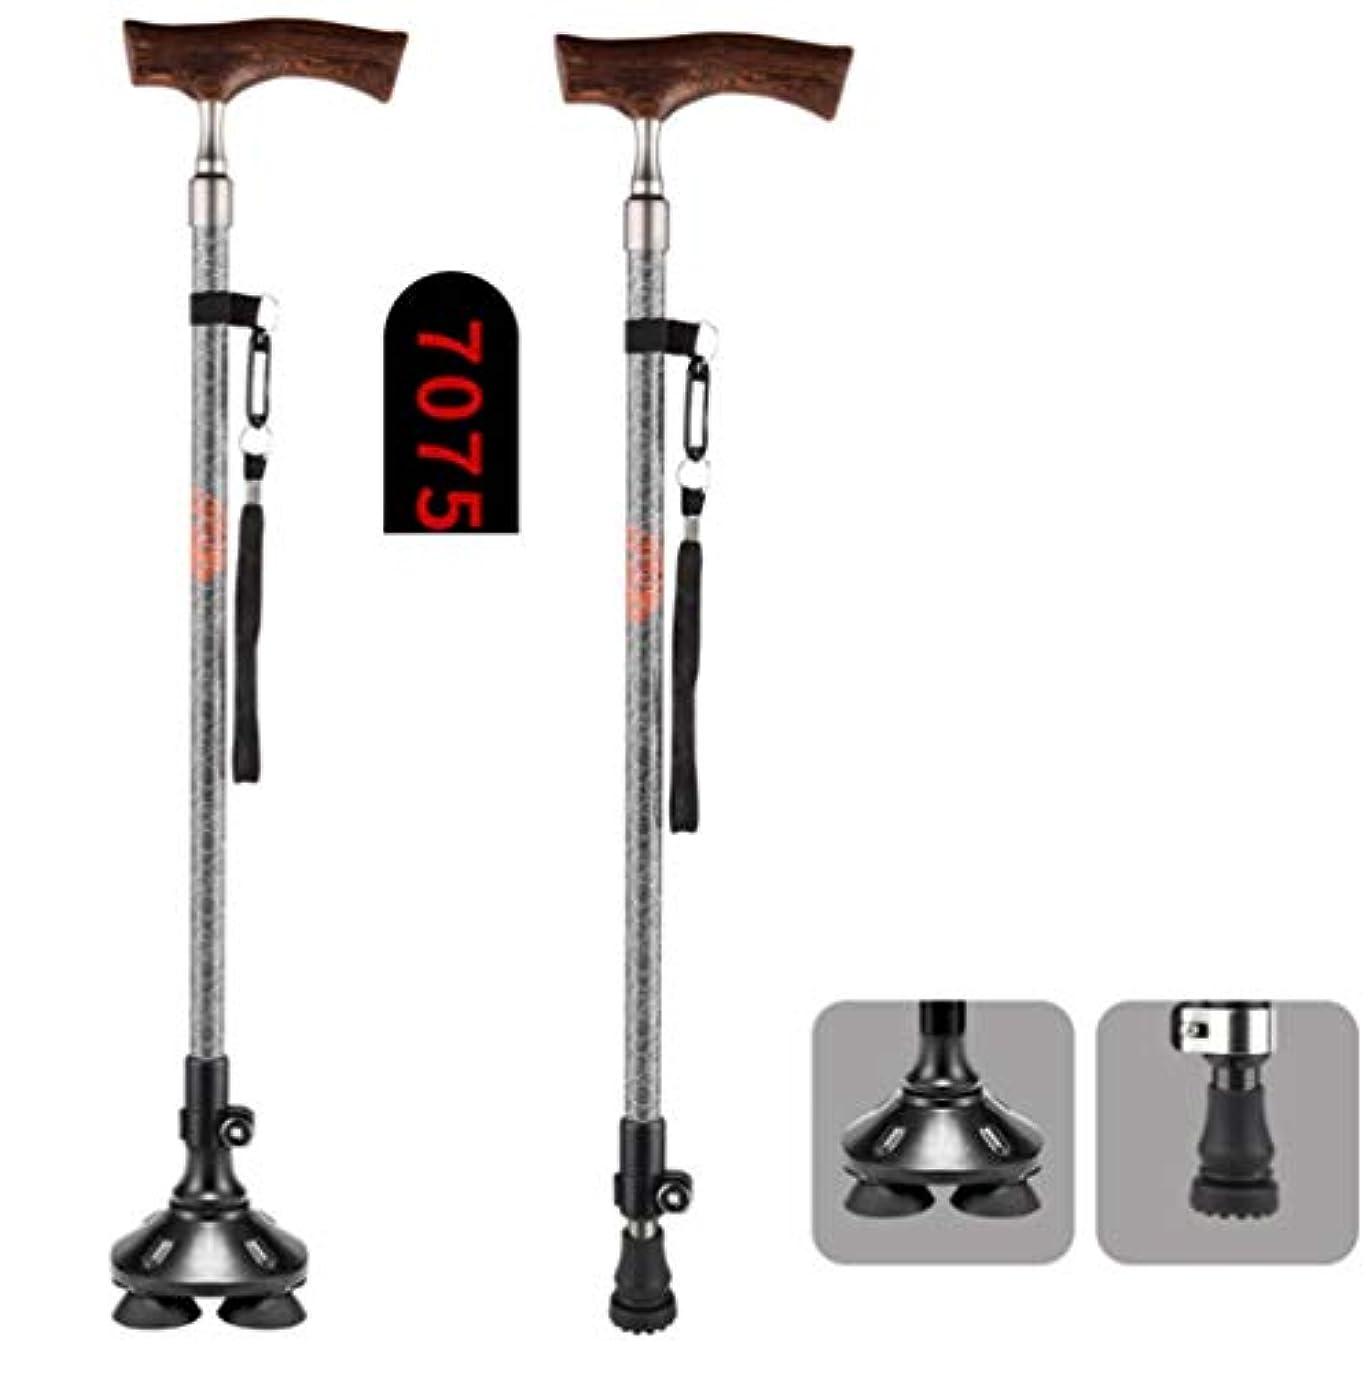 ソート明日ミル軽量の伸縮式杖歩行トラスティは、お父さんお母さんへの素晴らしい贈り物,A